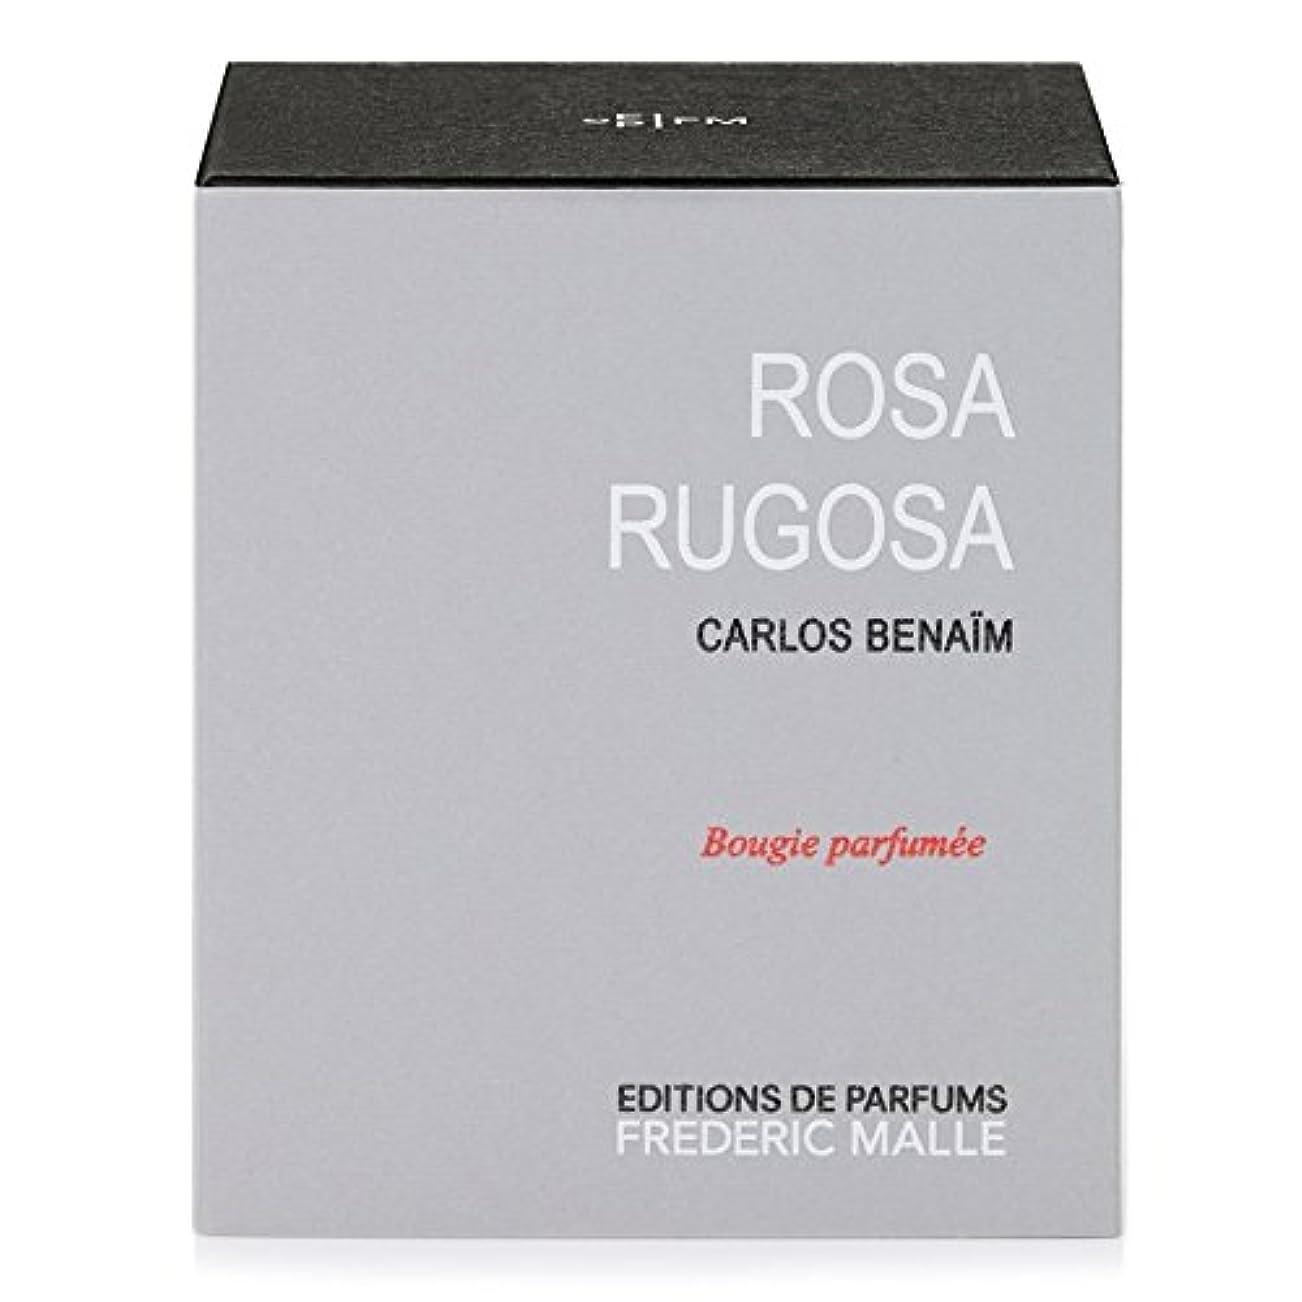 永遠に励起オデュッセウスFrederic Malle Rosa Rugosa Scented Candle (Pack of 2) - フレデリック?マルハマナスの香りのキャンドル x2 [並行輸入品]